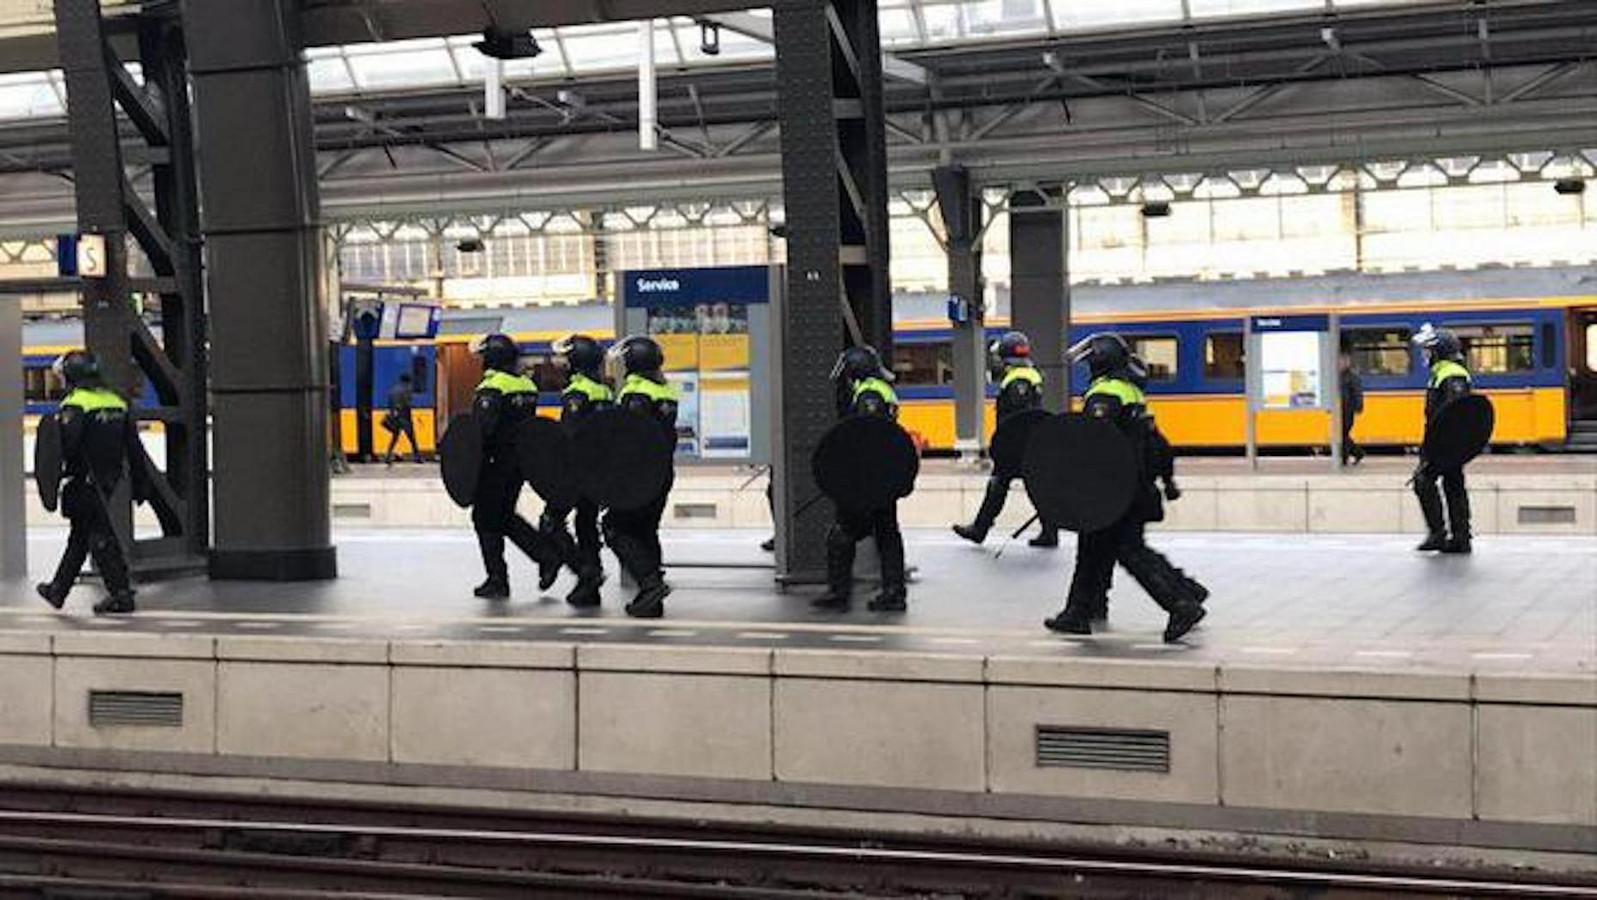 Mobiele eenheid op het Centraal Station zaterdag toen de Willem II supporters arriveerden in Amsterdam.